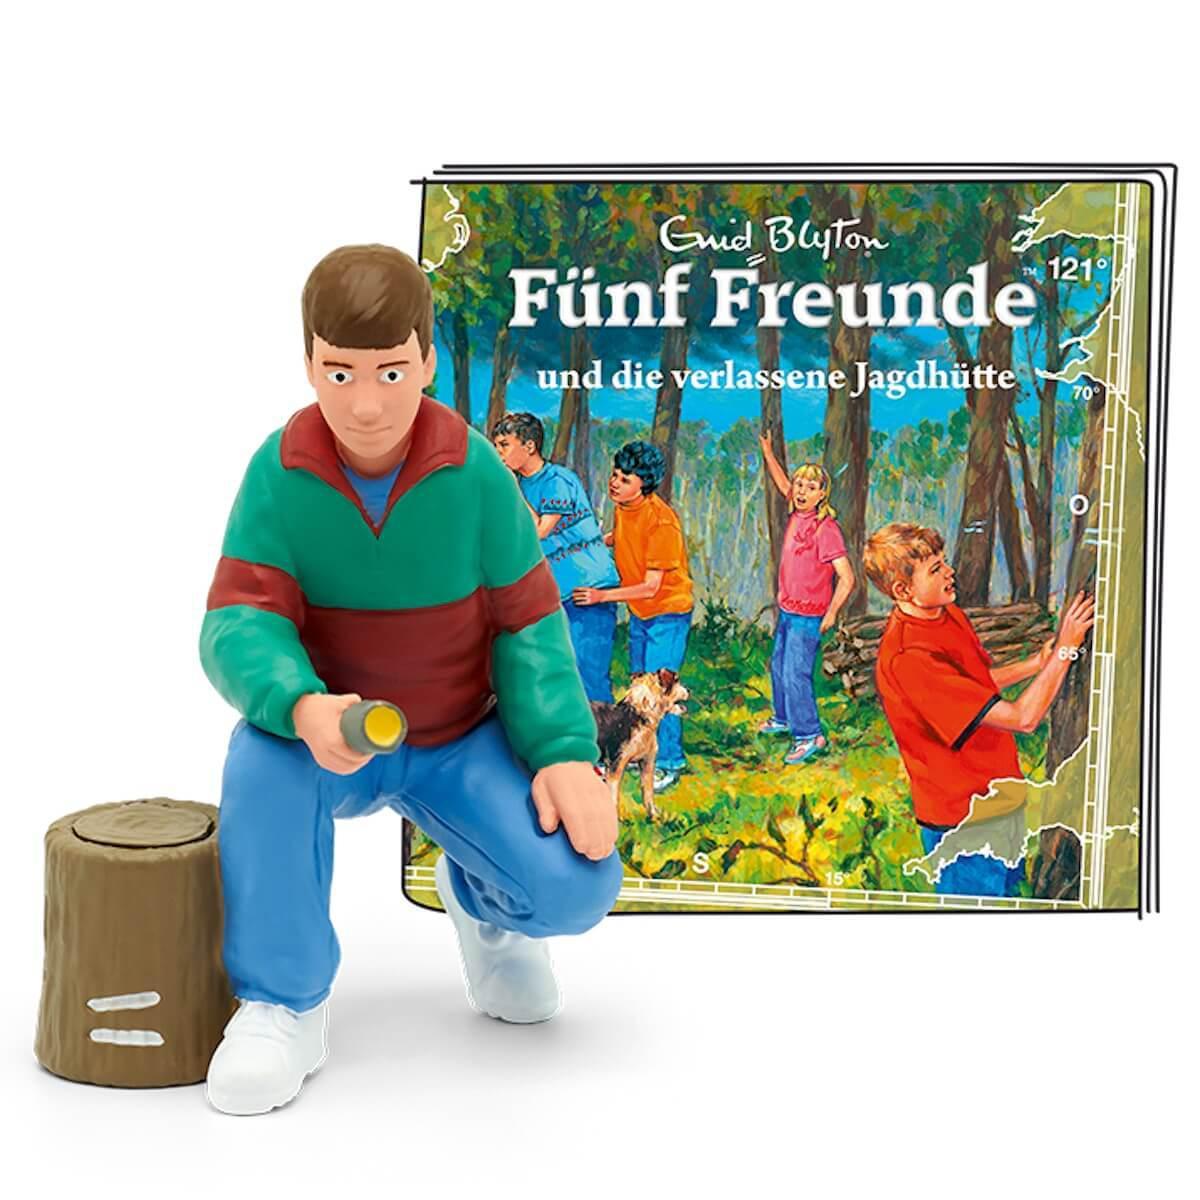 Hörspielfigur TONIES Fünf Freunde -Fünf Freunde und die verlassene Jagdhütte